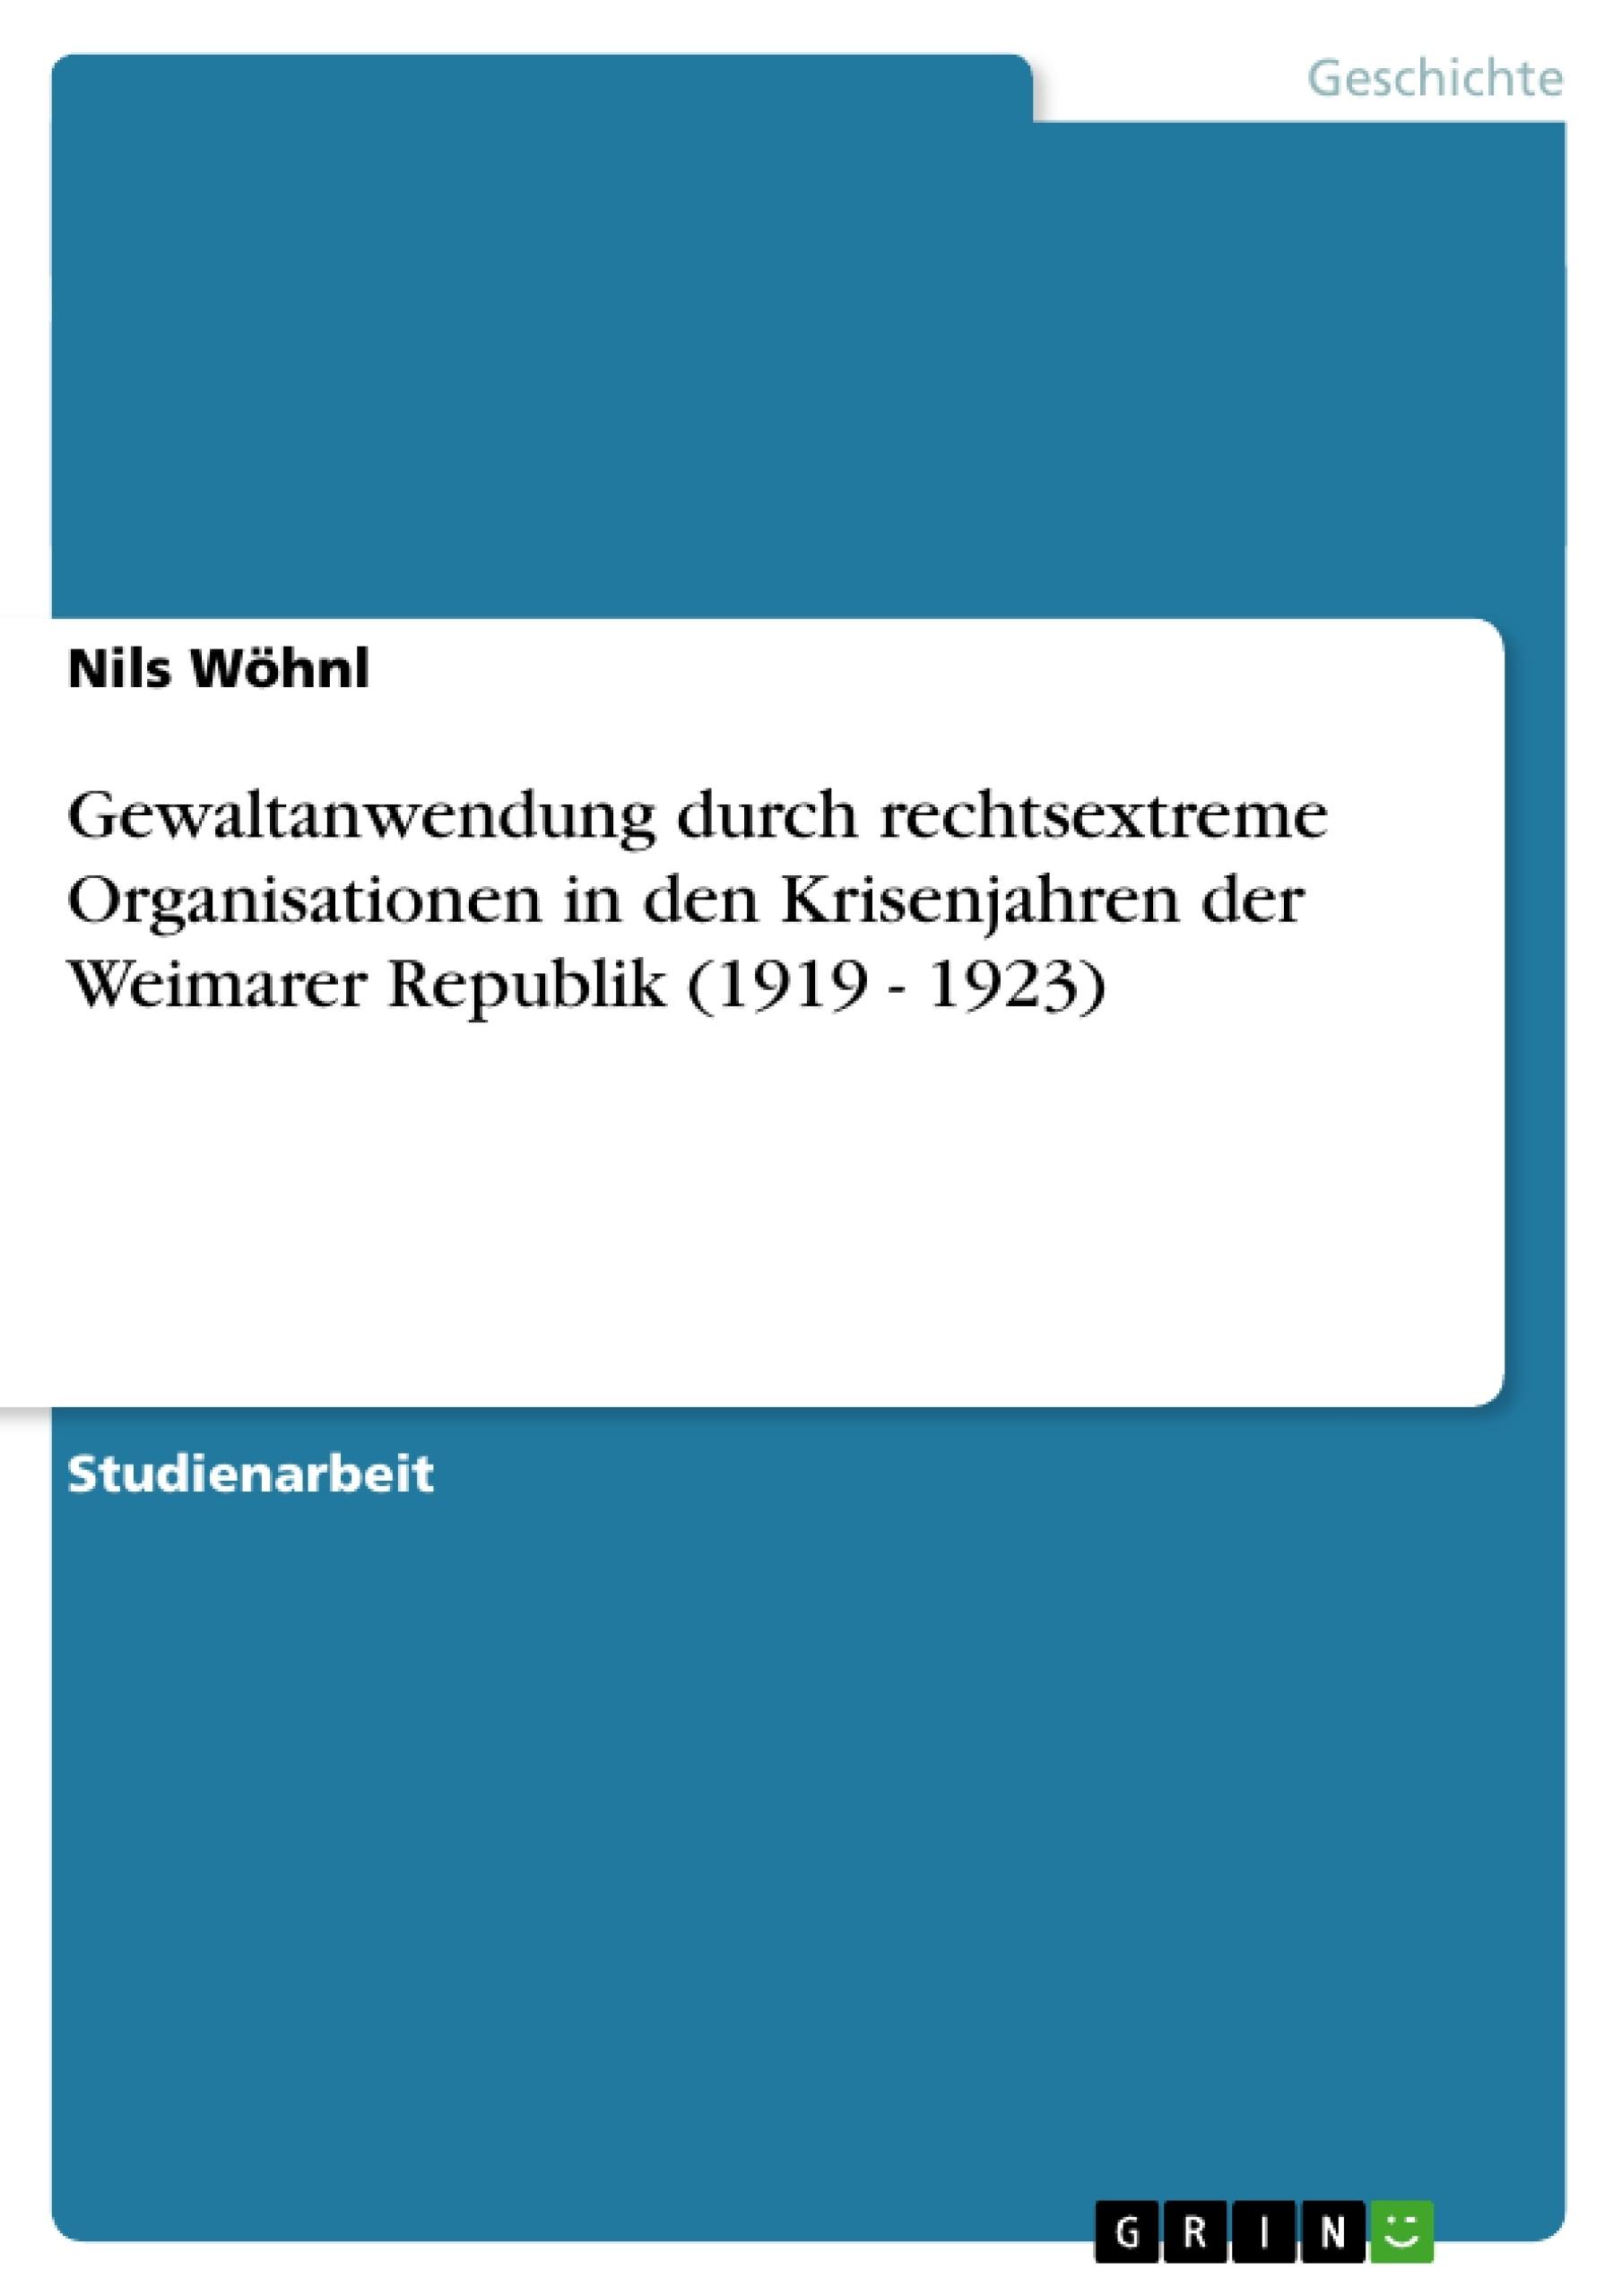 Titel: Gewaltanwendung durch rechtsextreme Organisationen in den Krisenjahren der Weimarer Republik (1919 - 1923)